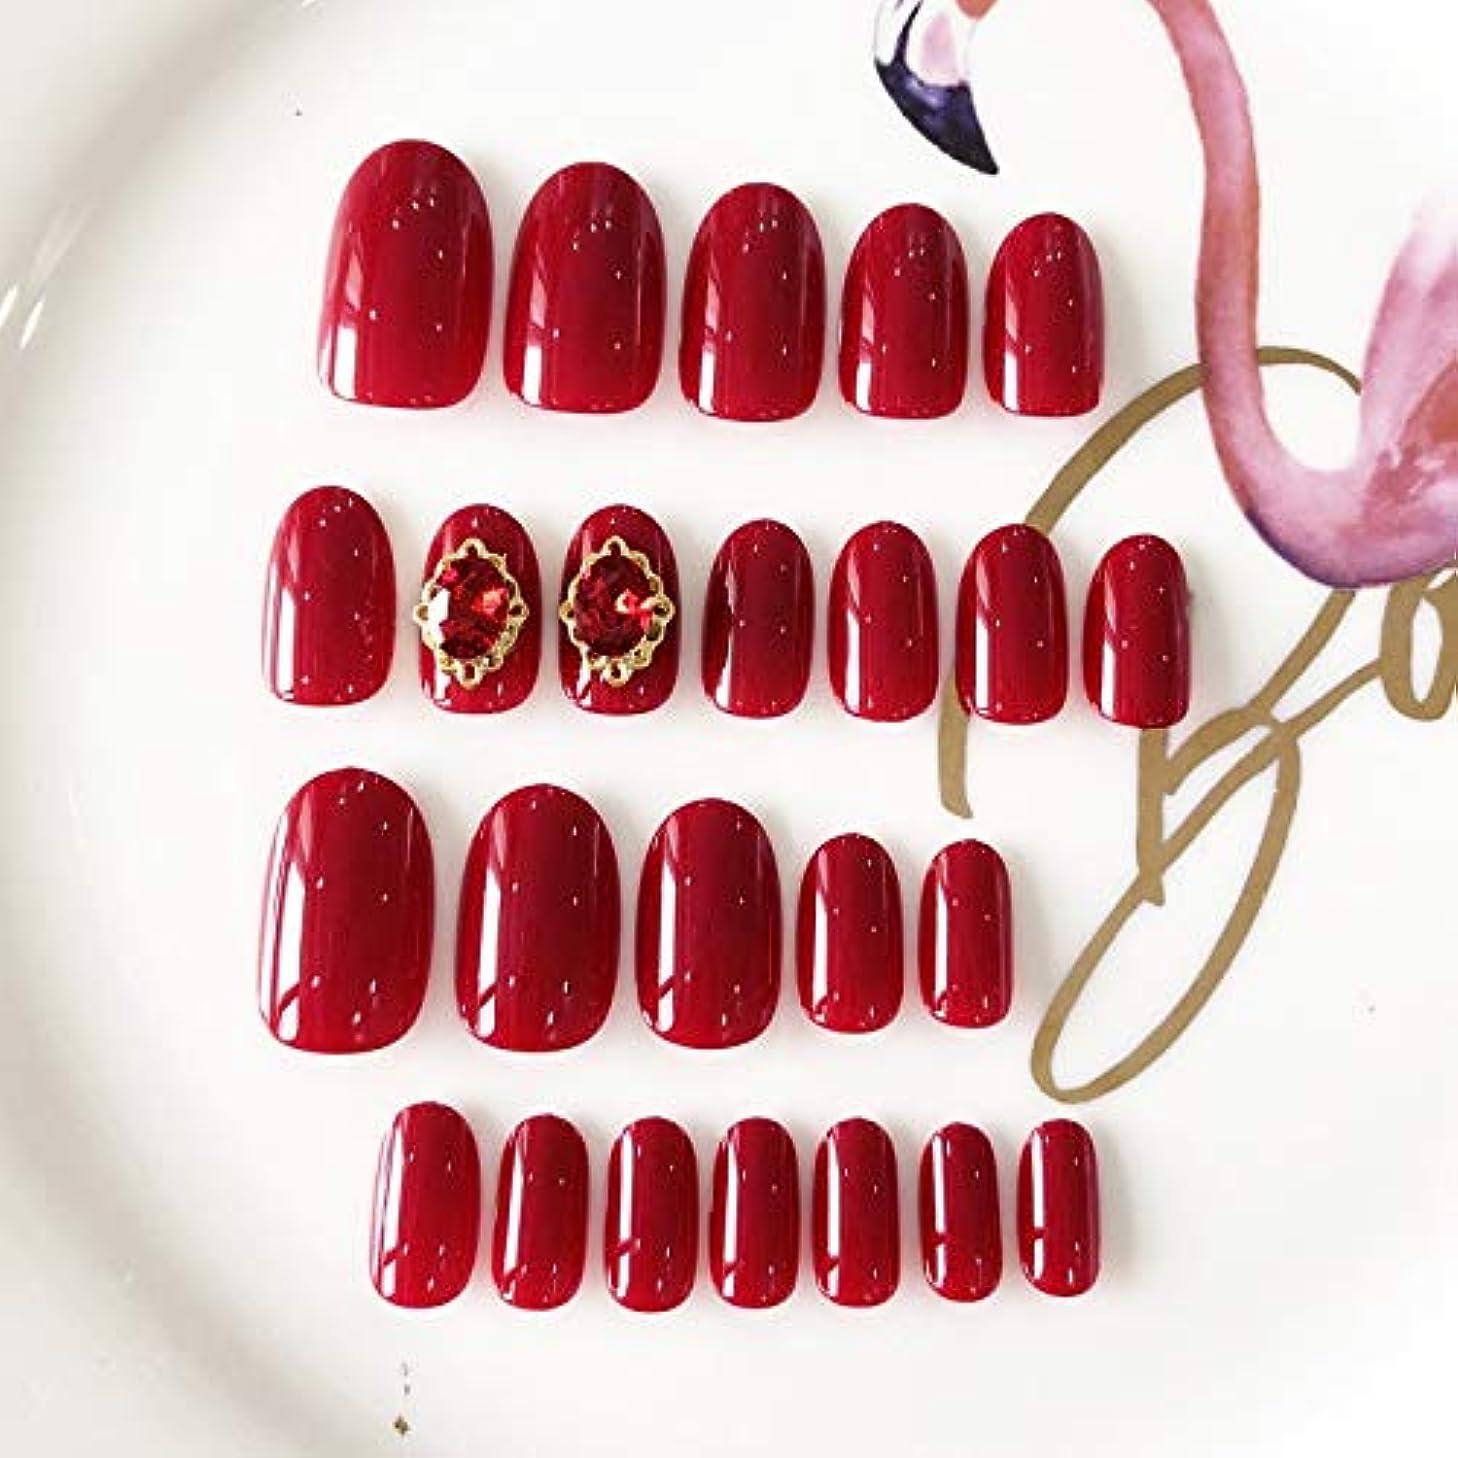 一回ながら意気消沈したXUANHU HOME 24個の短い楕円形の偽爪12サイズ単色ワインレッドエレガントな偽爪結婚式